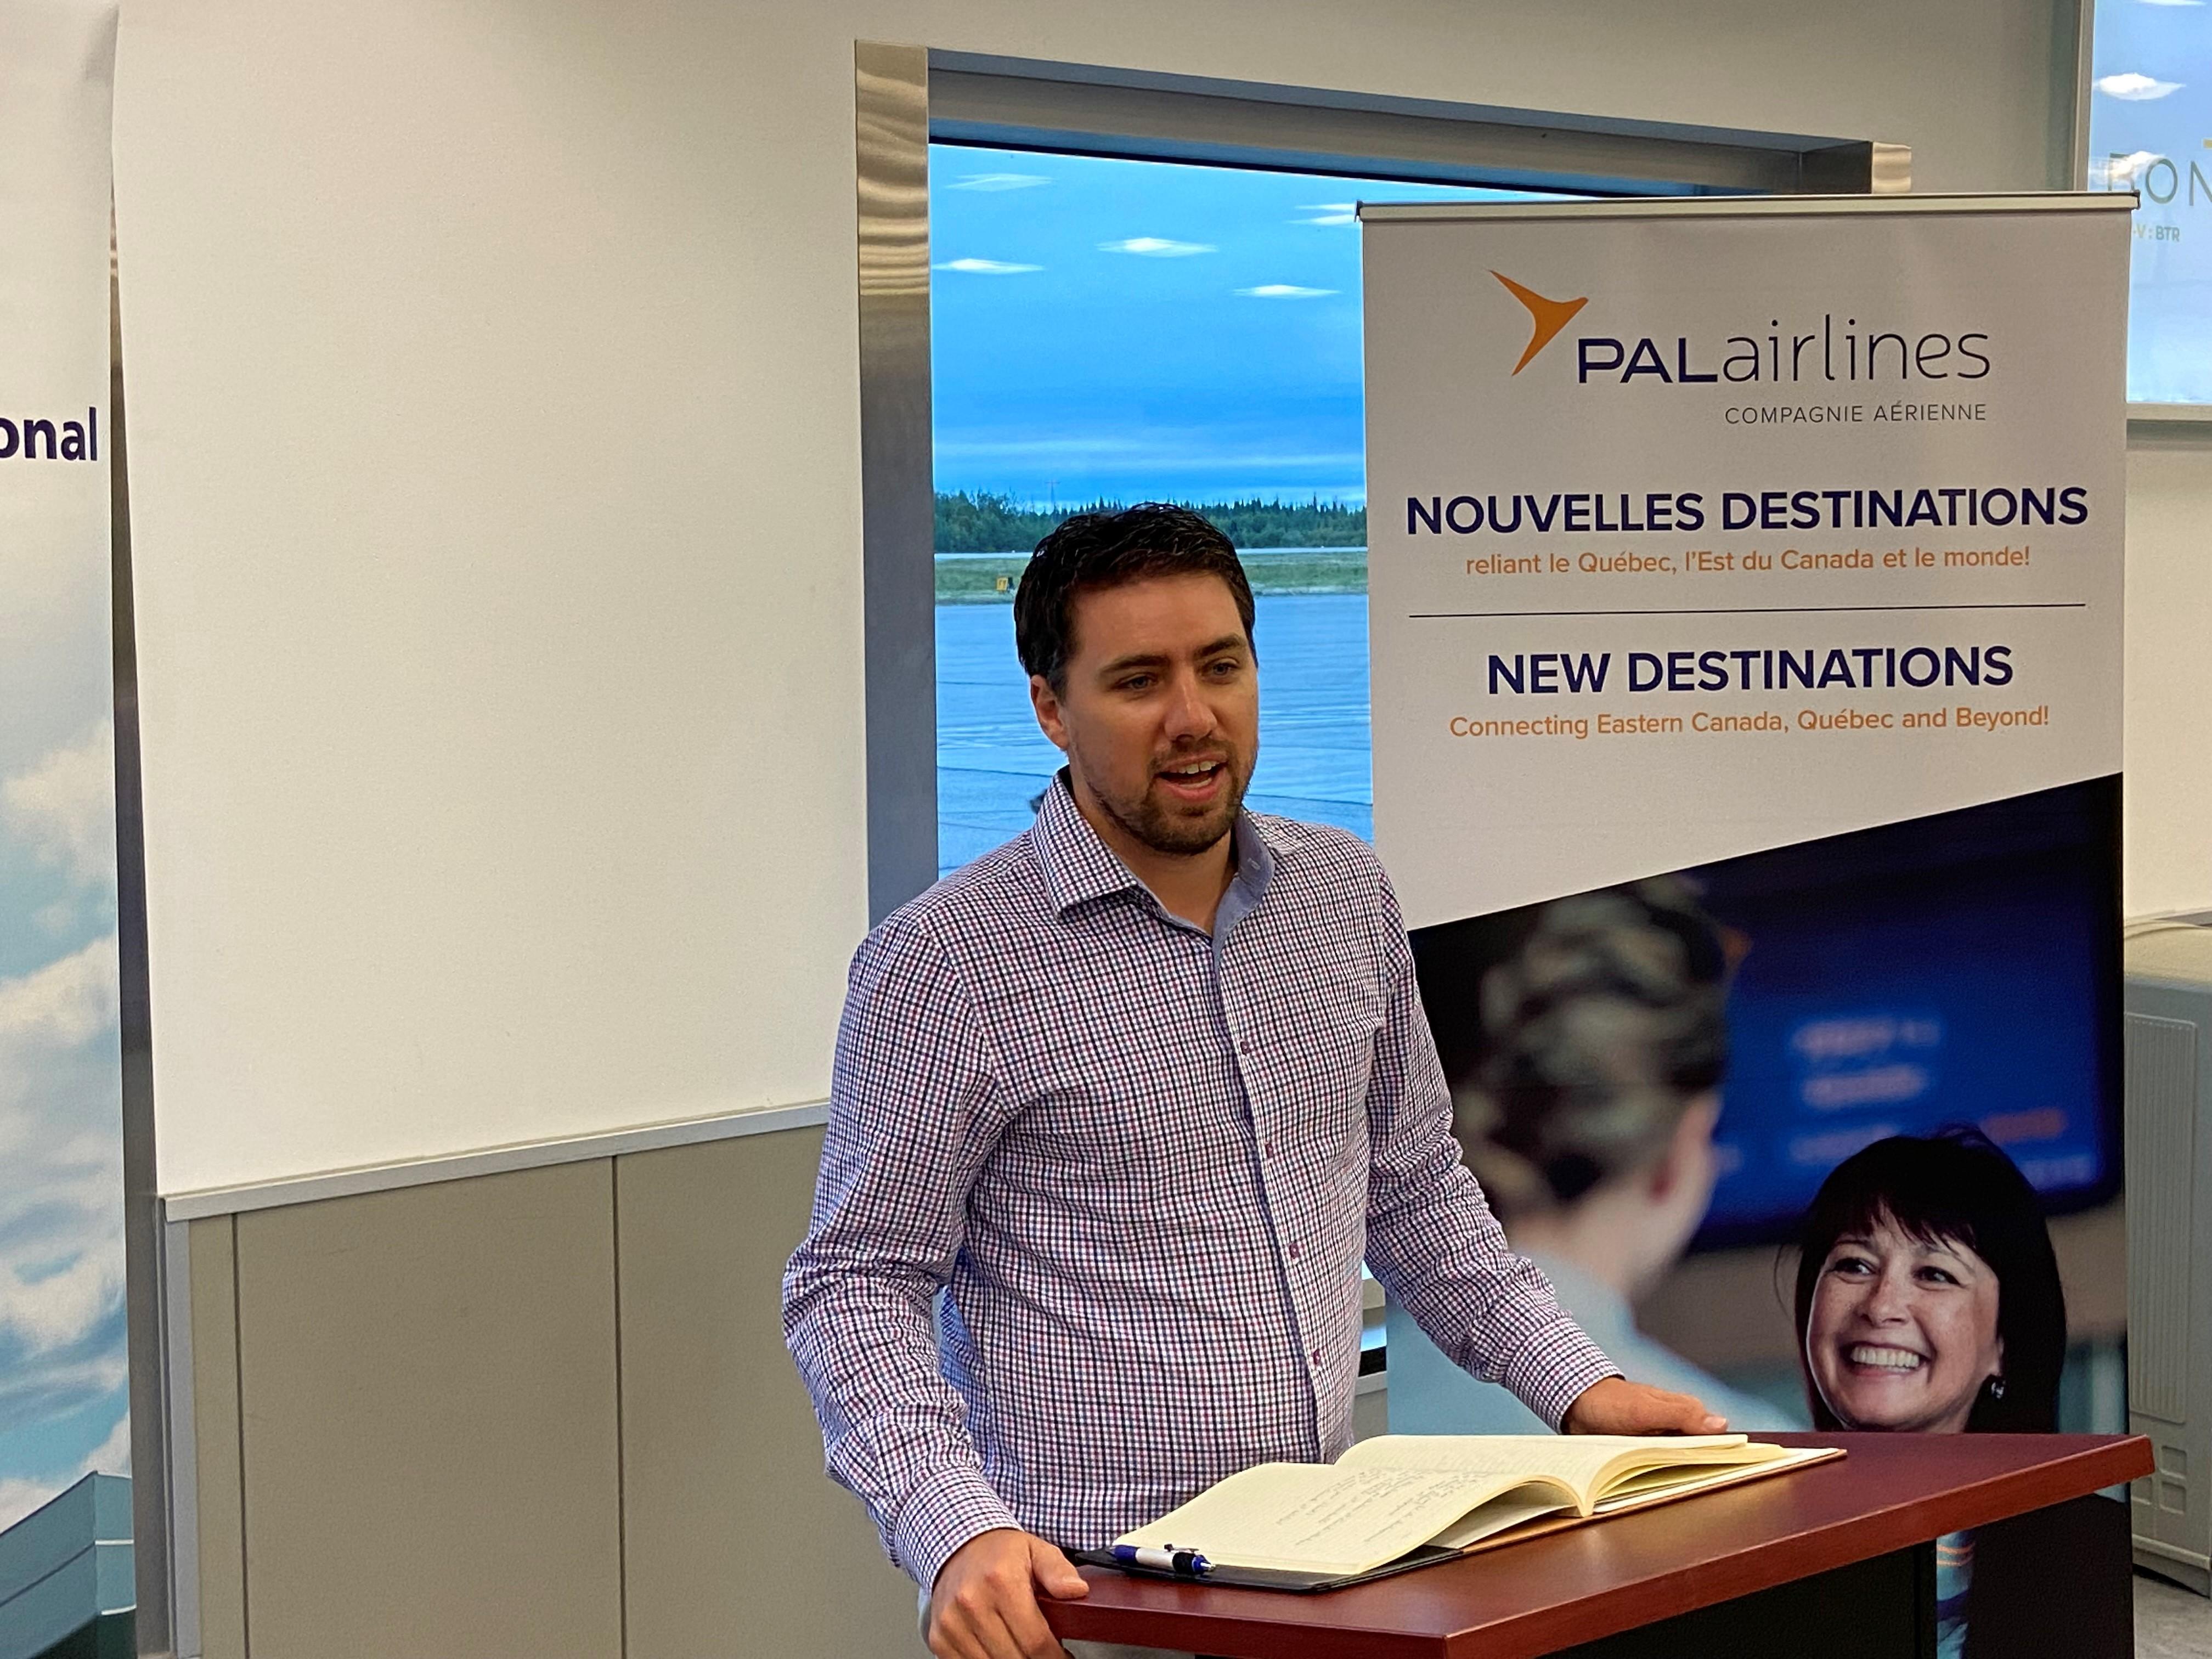 Tommy Desfossés - PAL Airlines